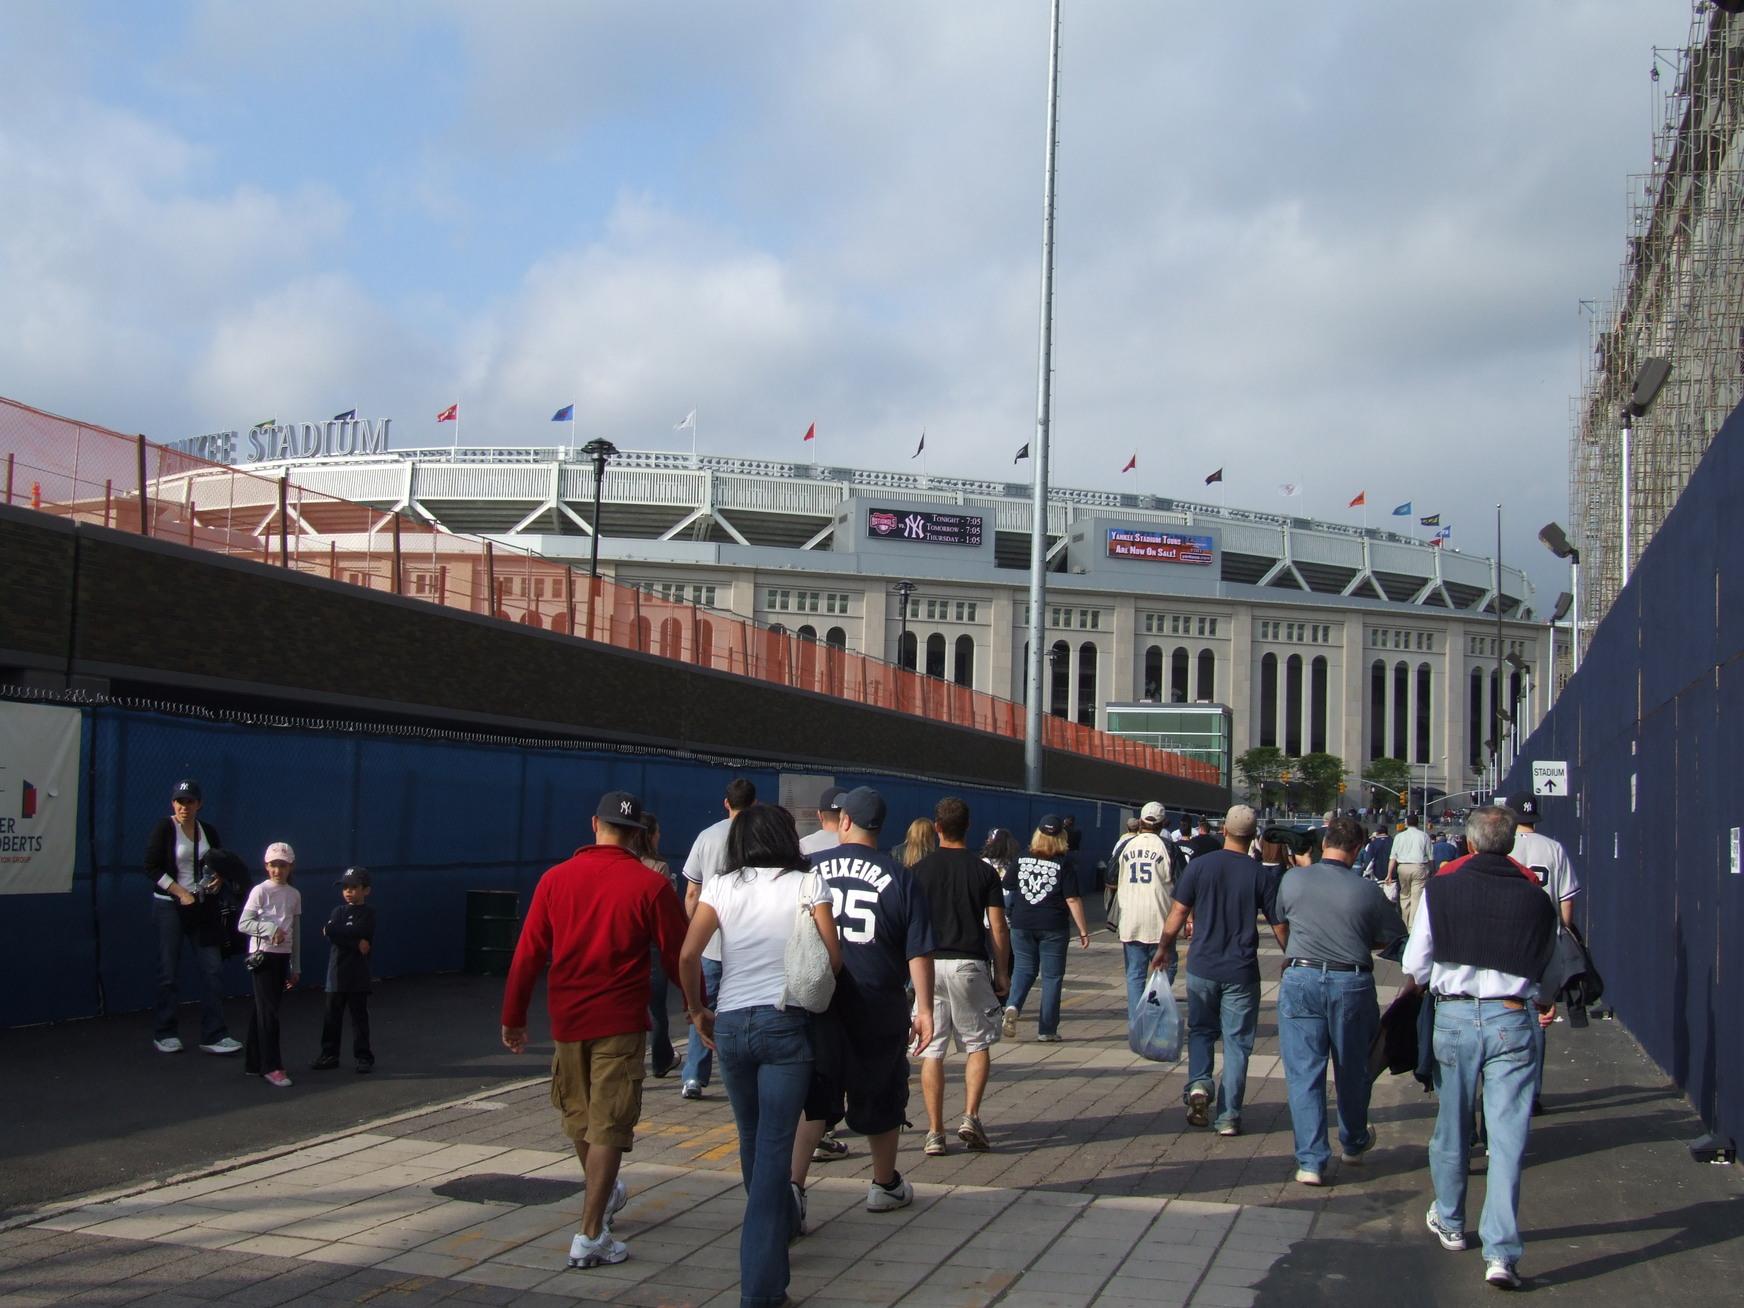 Washington Nationals Vs New York Yankees Yankee Stadium Bronx